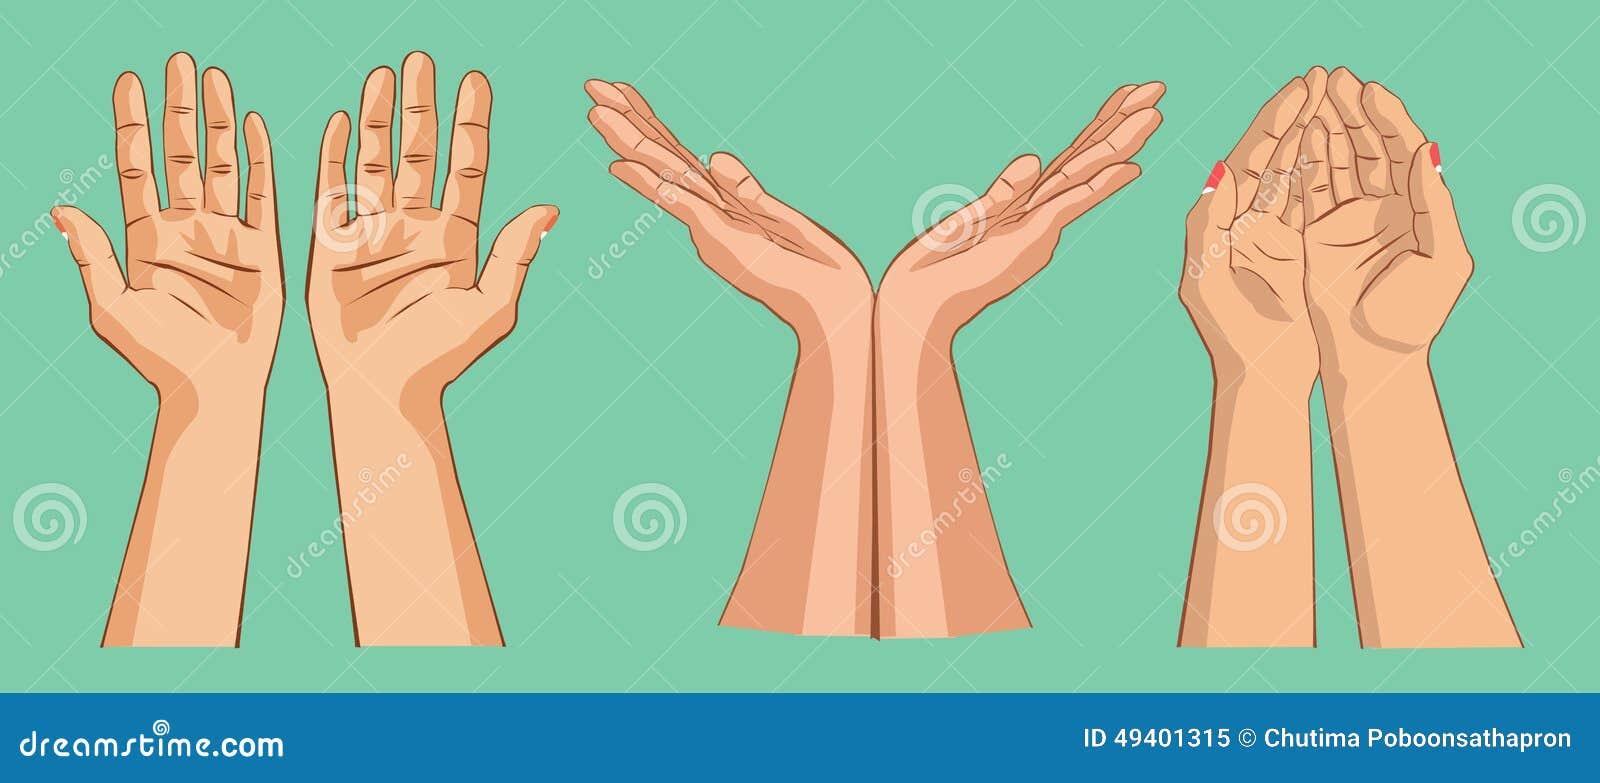 Download Handholding etwas stock abbildung. Illustration von mädchen - 49401315